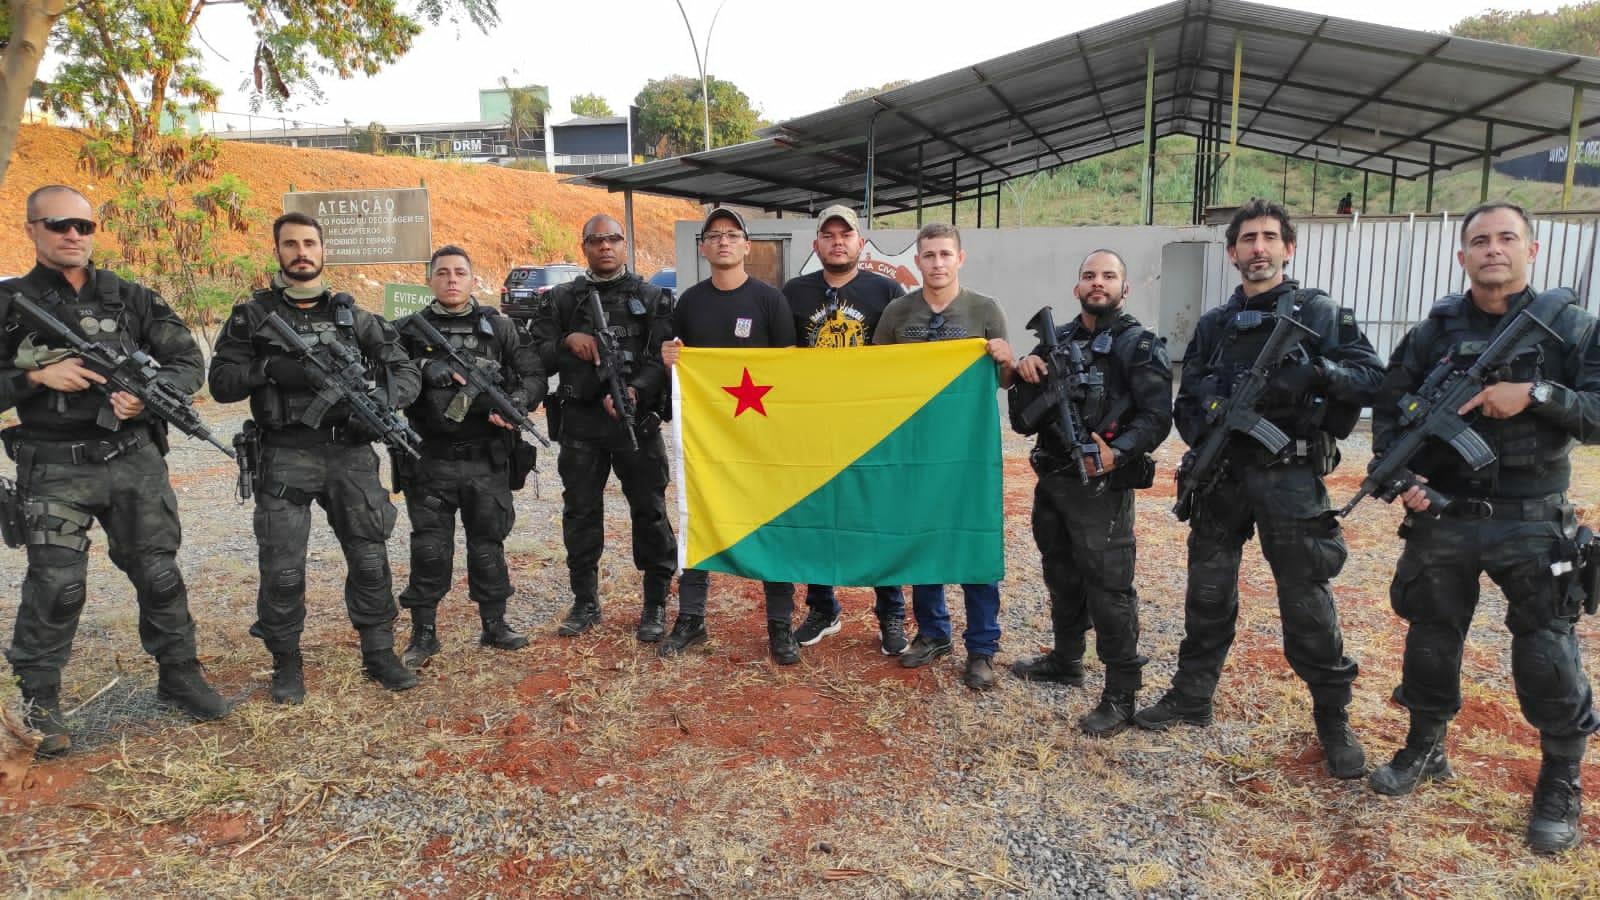 Policiais militares do Acre participam de workshop de produção audiovisual em Brasília